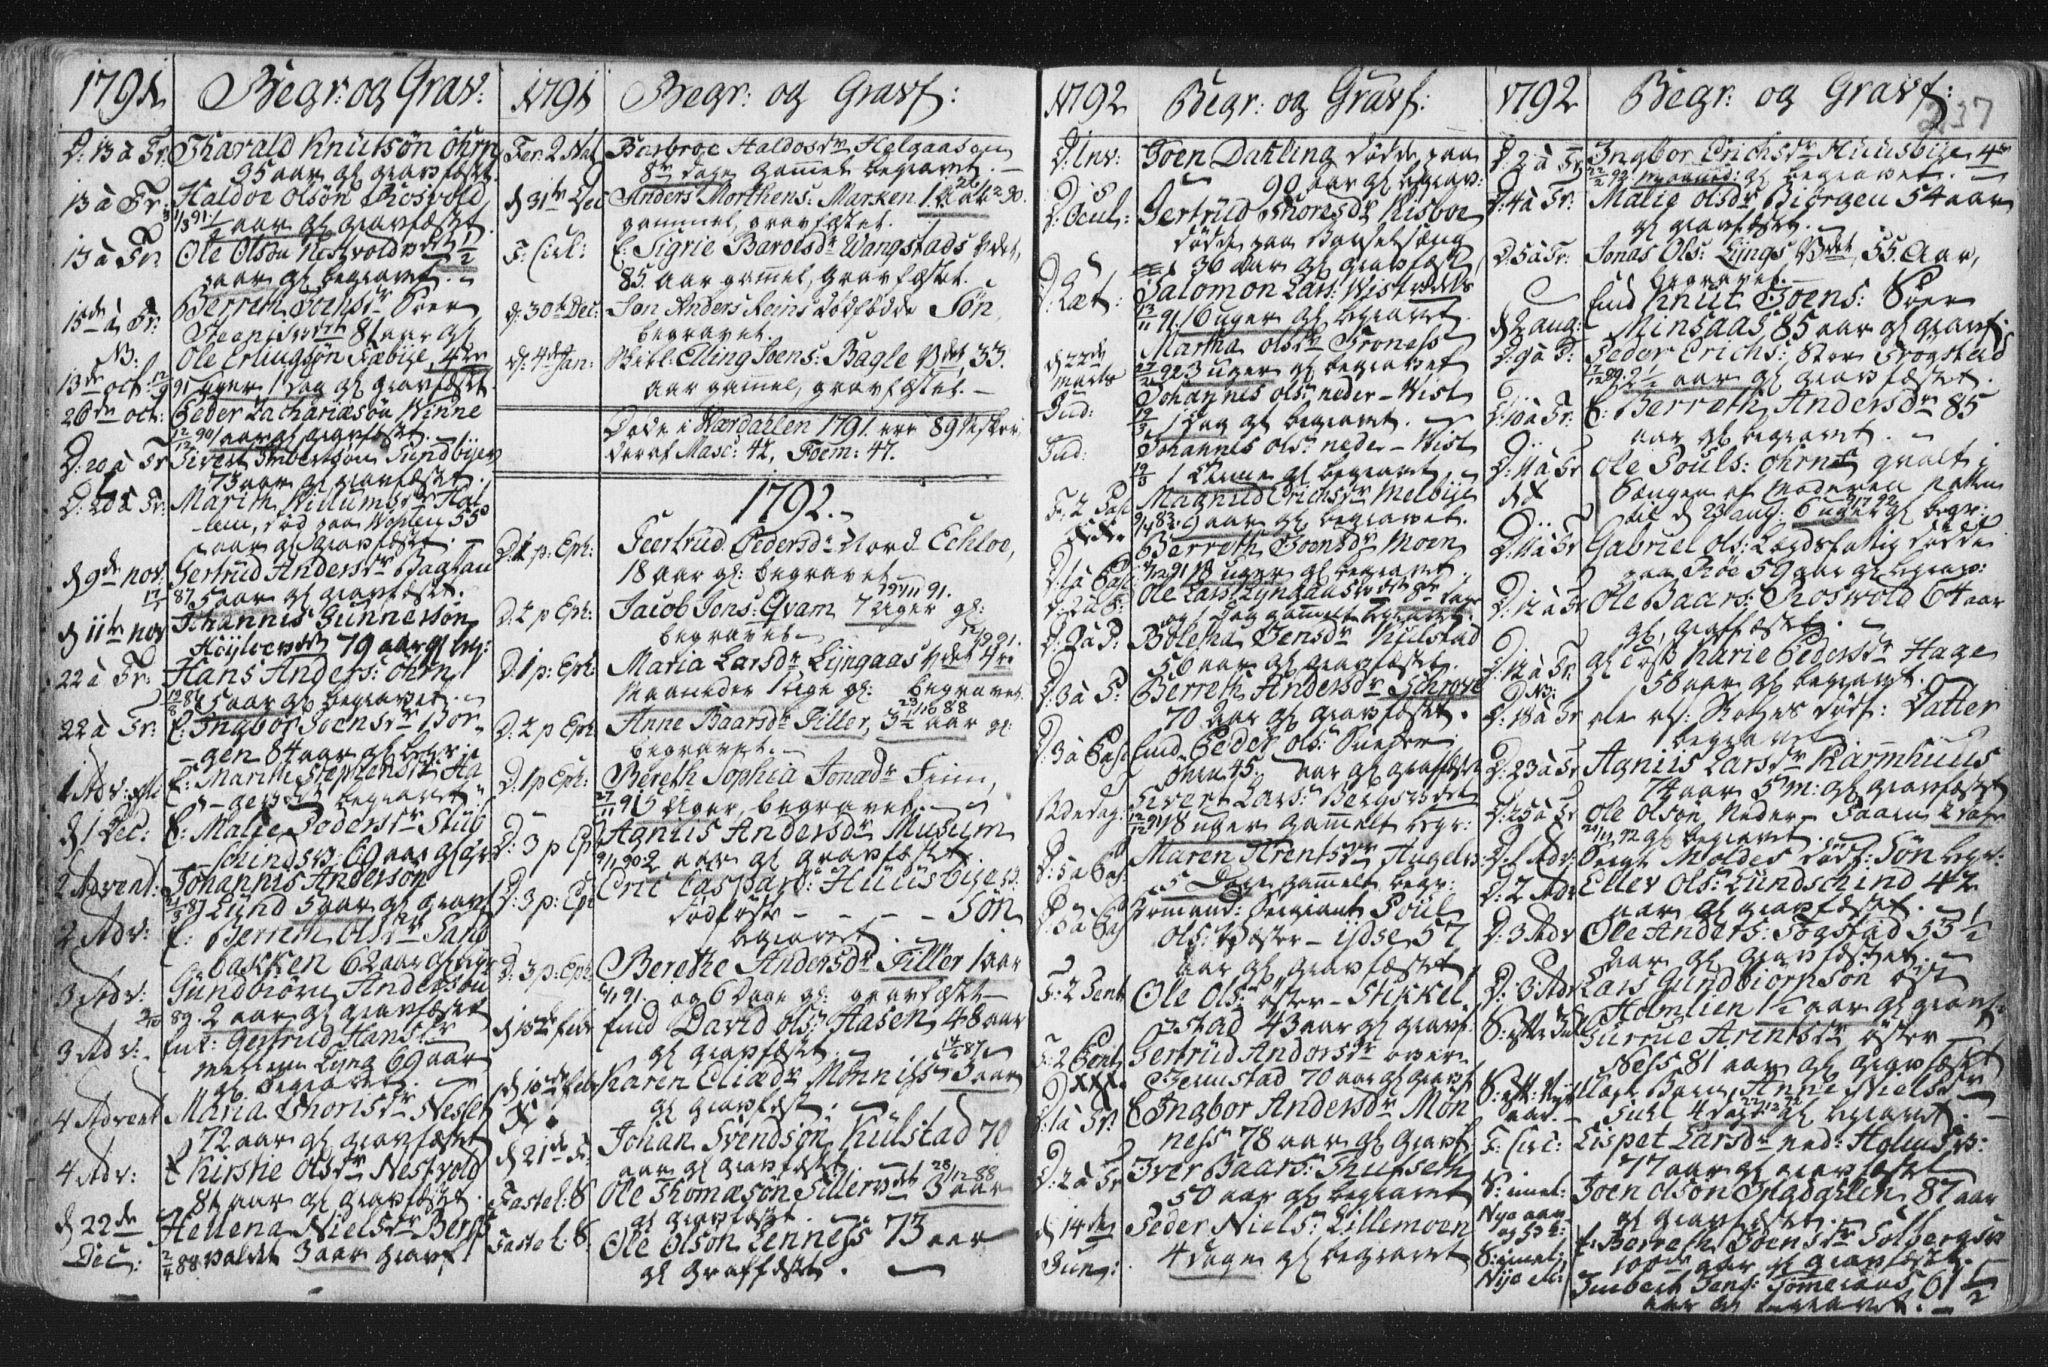 SAT, Ministerialprotokoller, klokkerbøker og fødselsregistre - Nord-Trøndelag, 723/L0232: Ministerialbok nr. 723A03, 1781-1804, s. 237